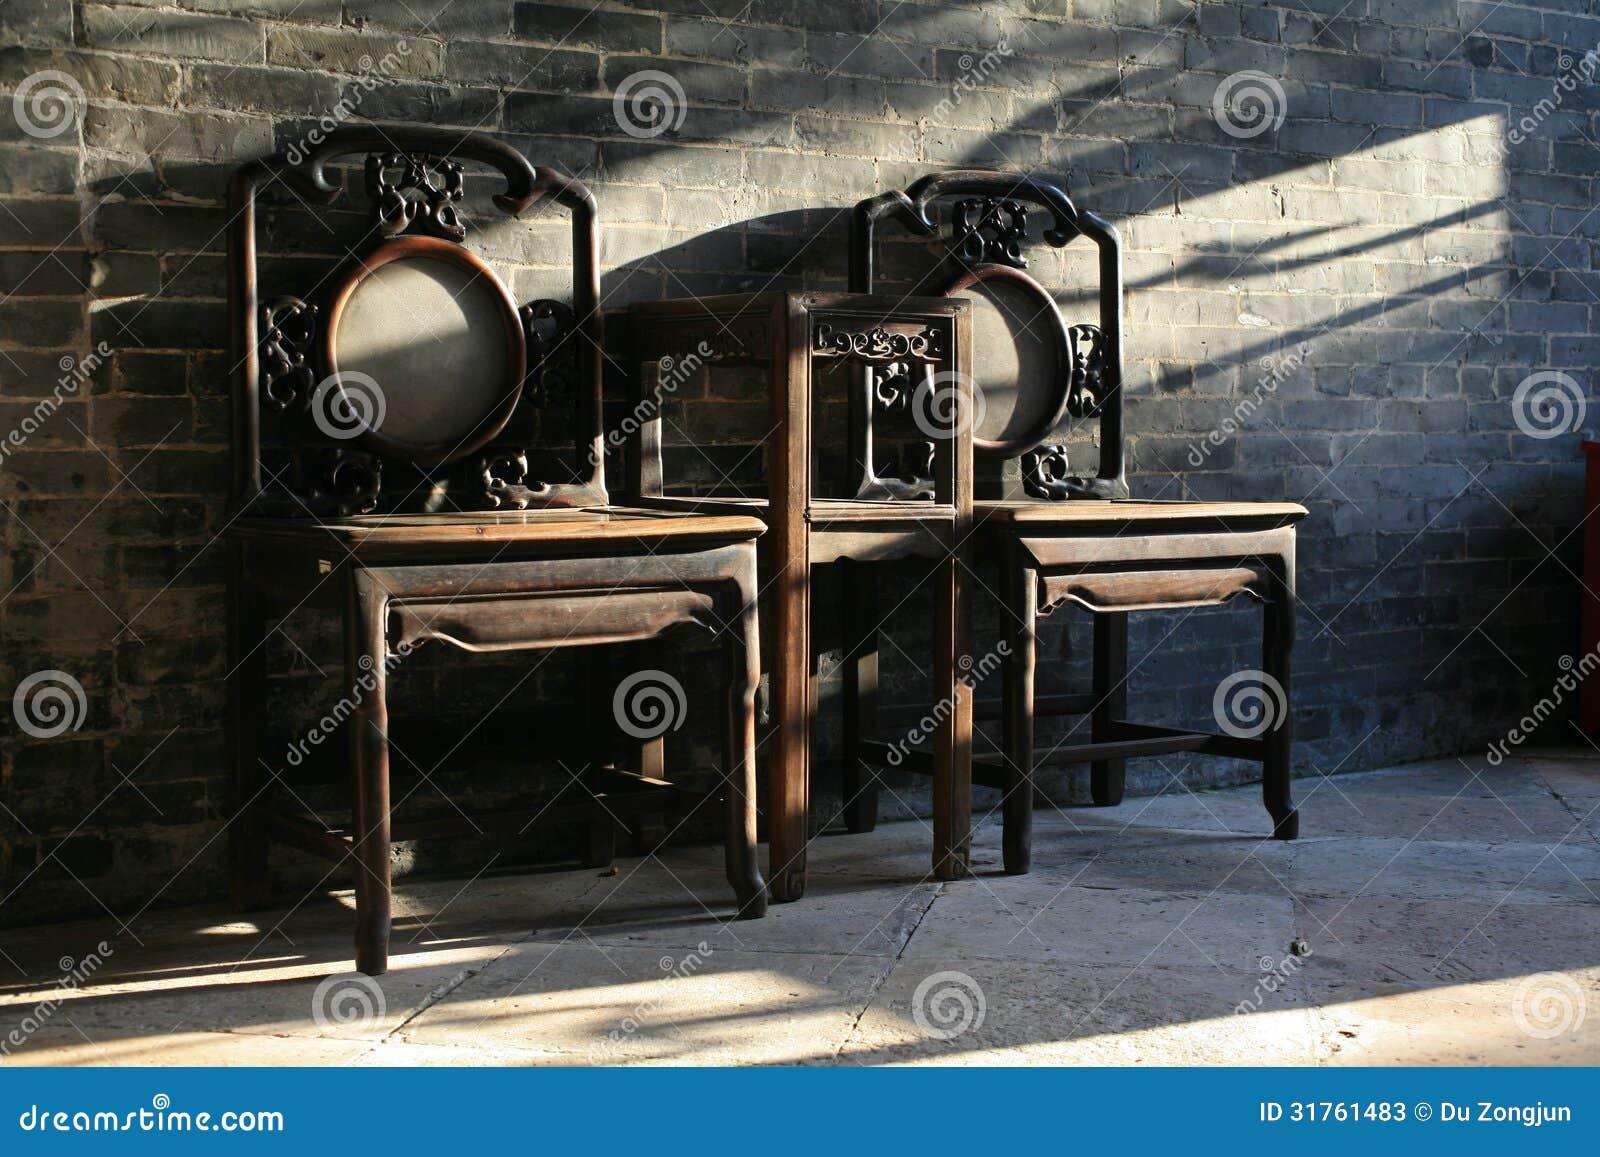 Antique Furniture Stock Photos Image 31761483